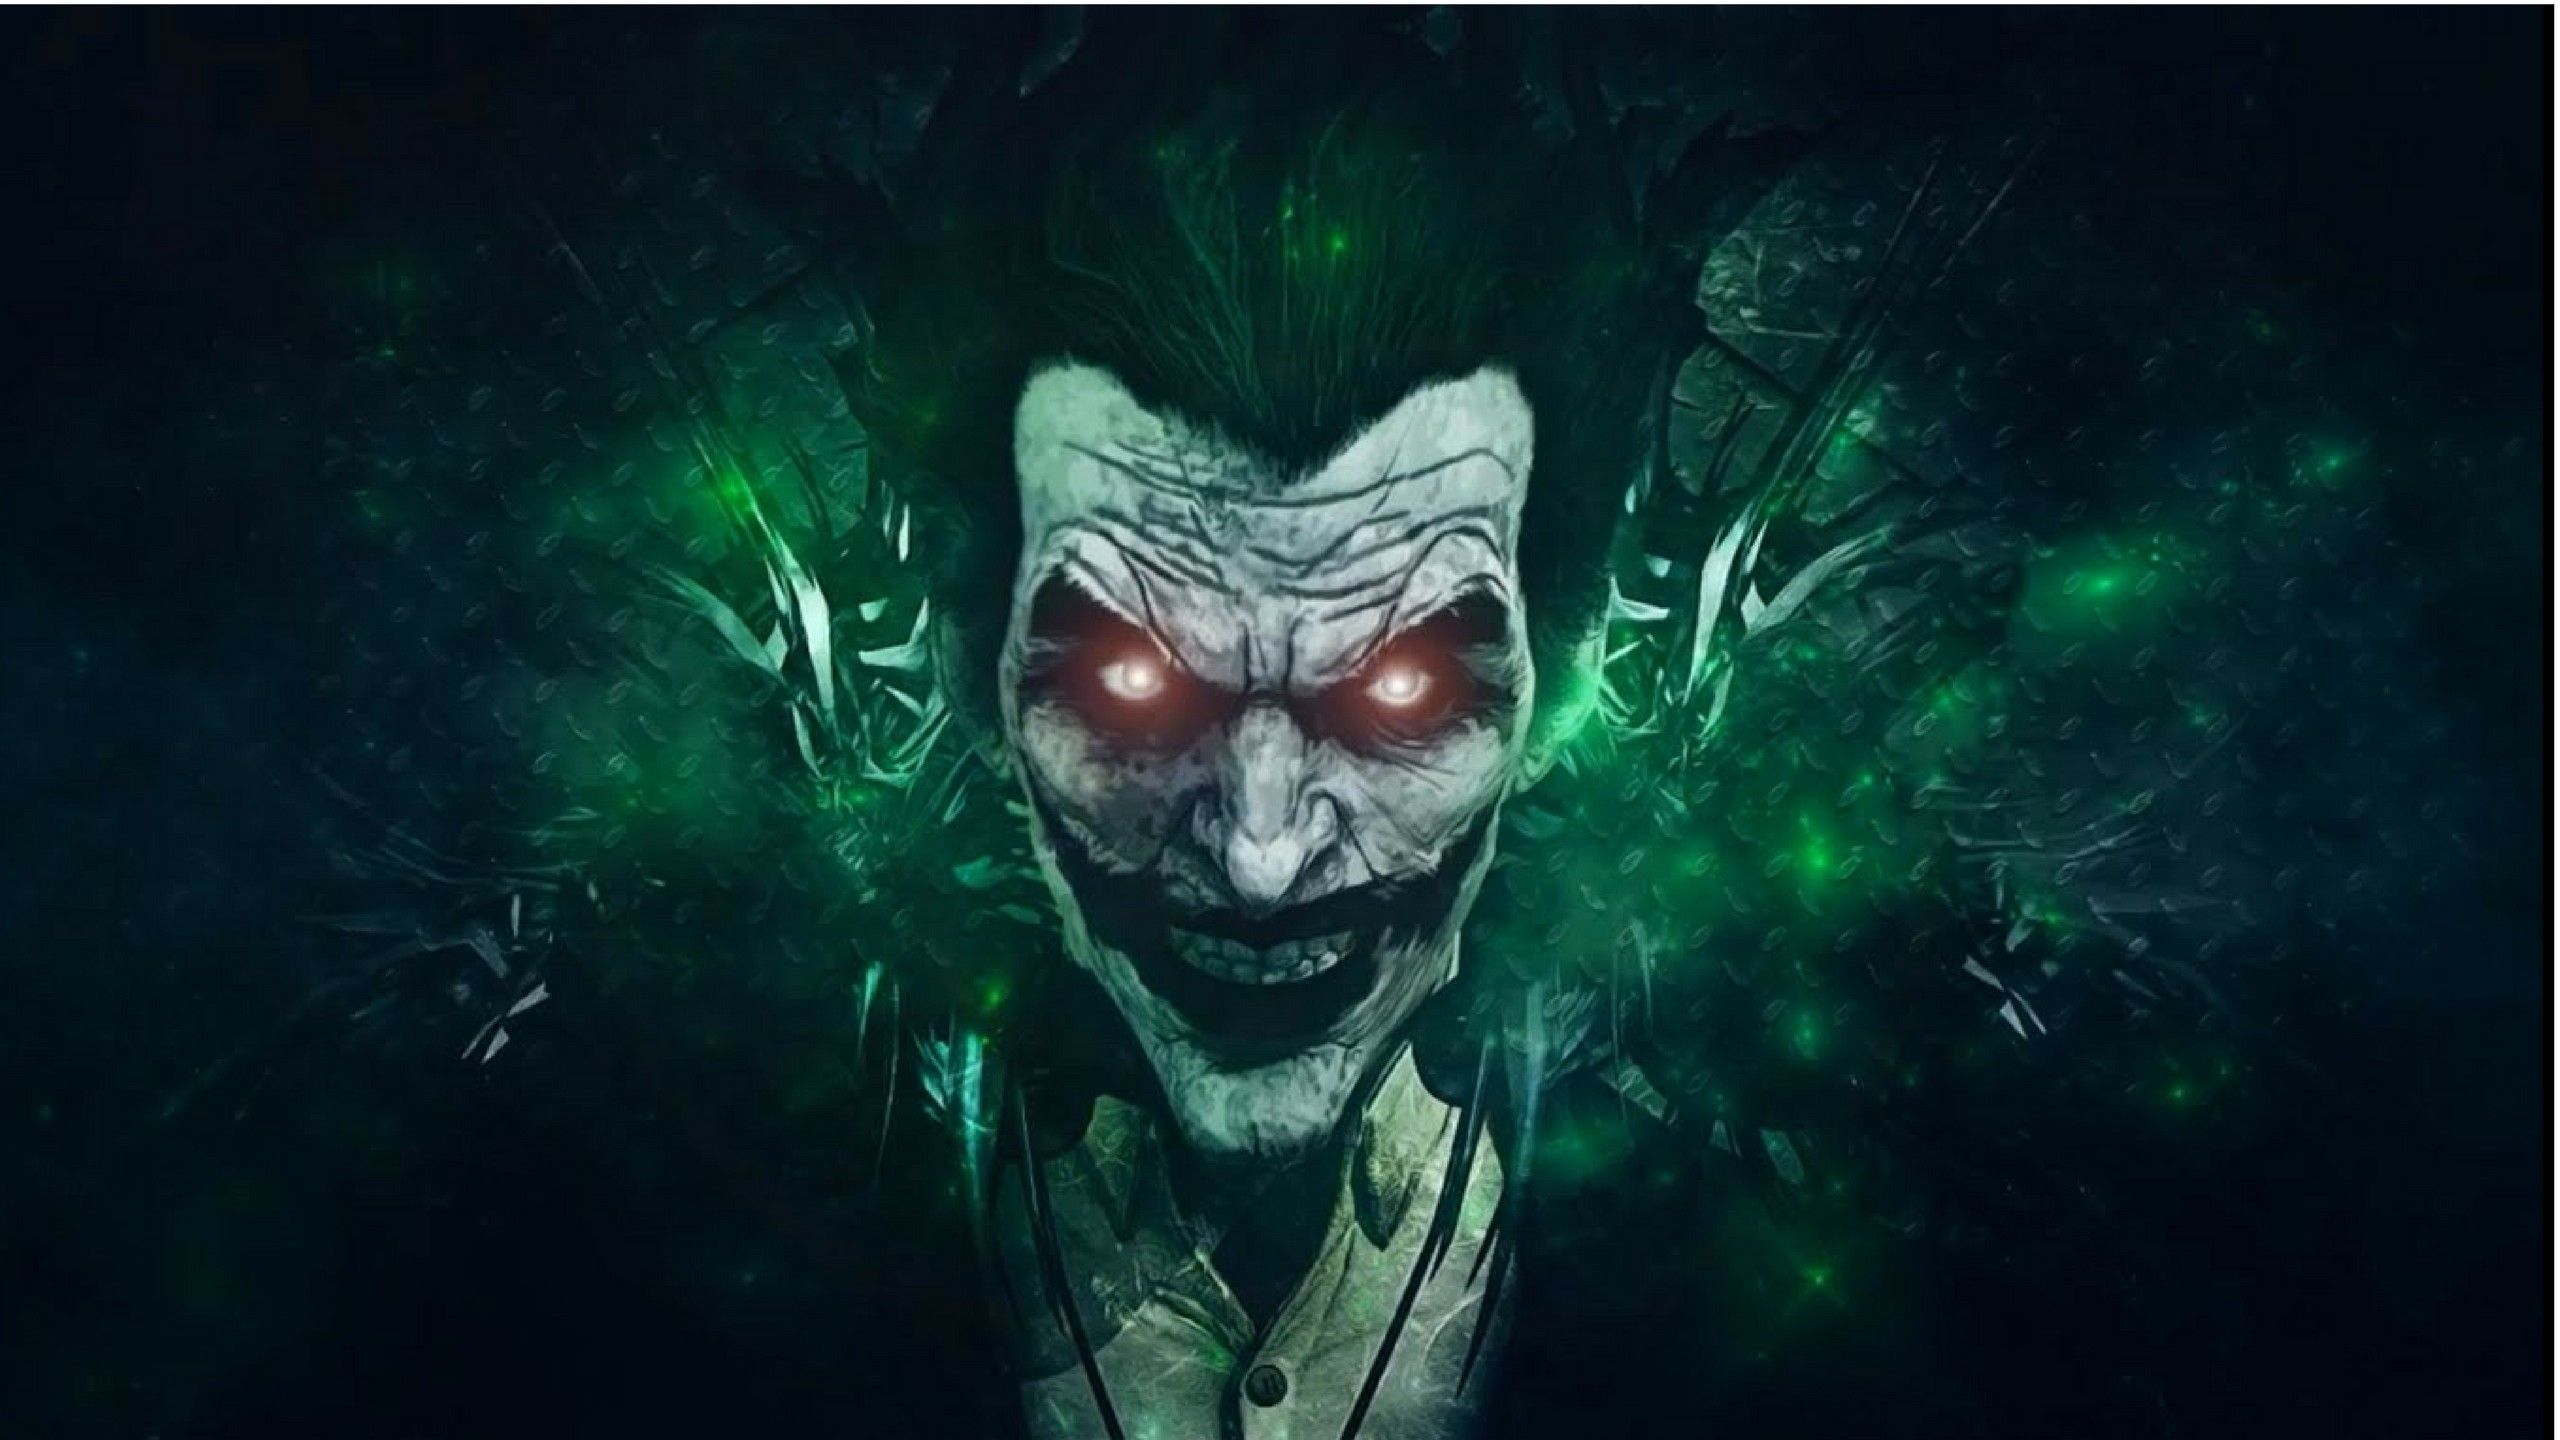 33 Wallpaper Gambar Joker Keren 3d Koleksi Rial In 2020 Joker Wallpapers Joker Hd Wallpaper Batman Joker Wallpaper